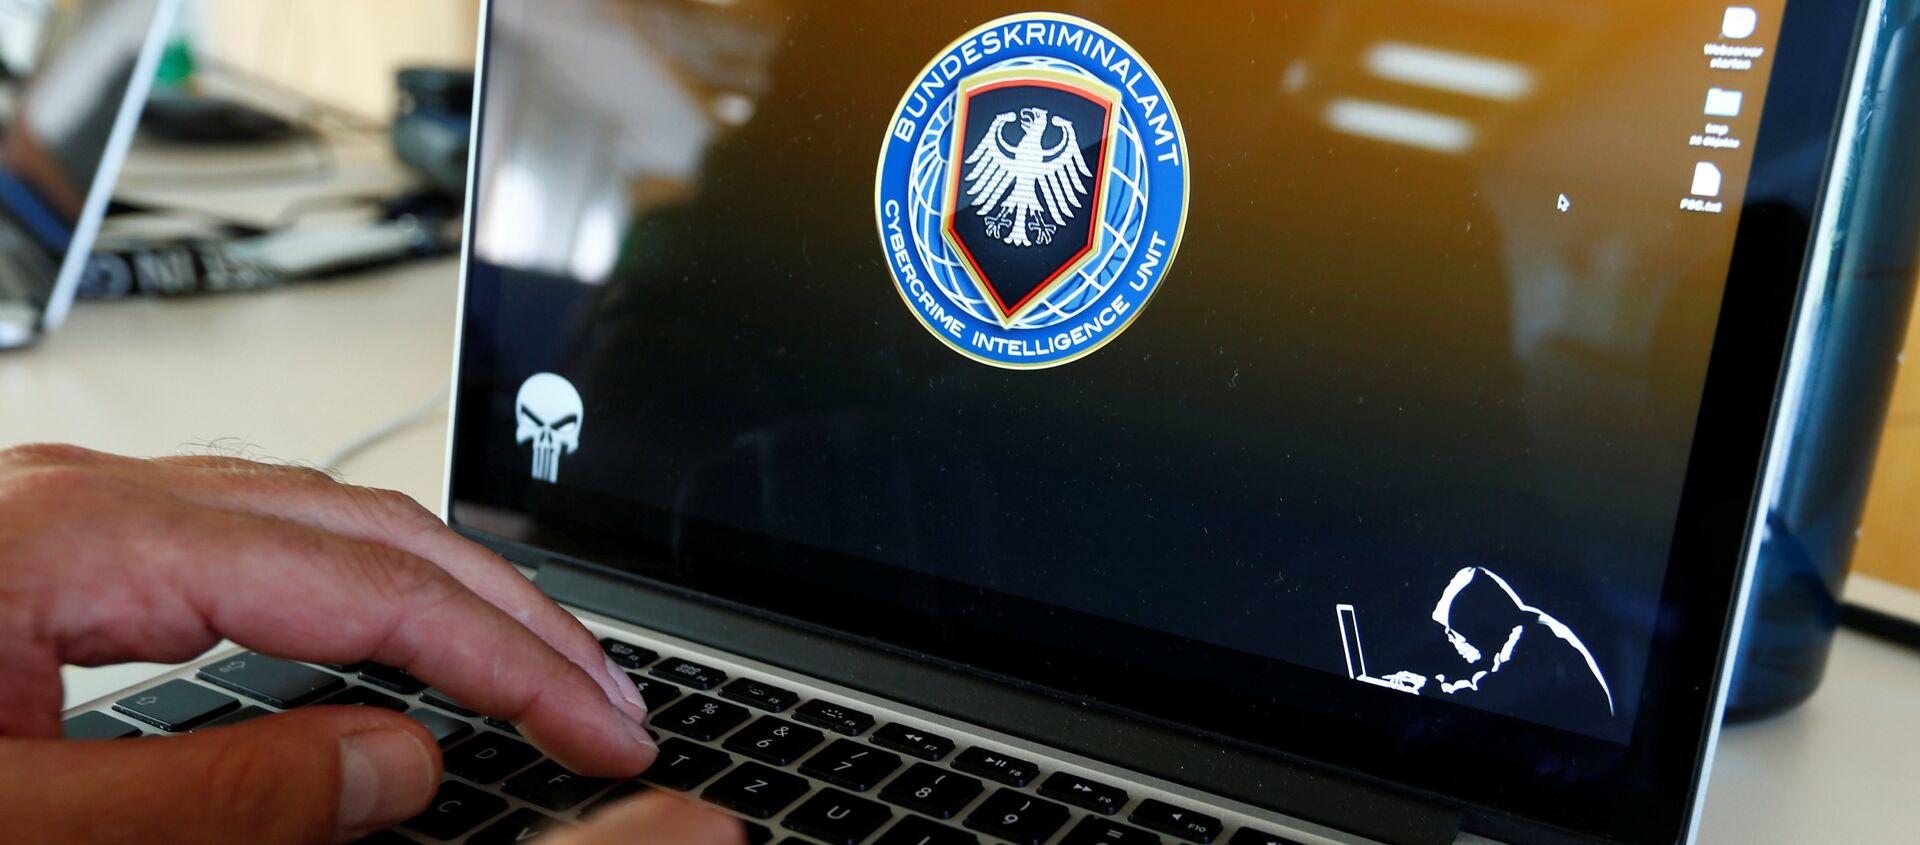 Ufficio federale della polizia criminale tedesco  - Sputnik Italia, 1920, 20.08.2019